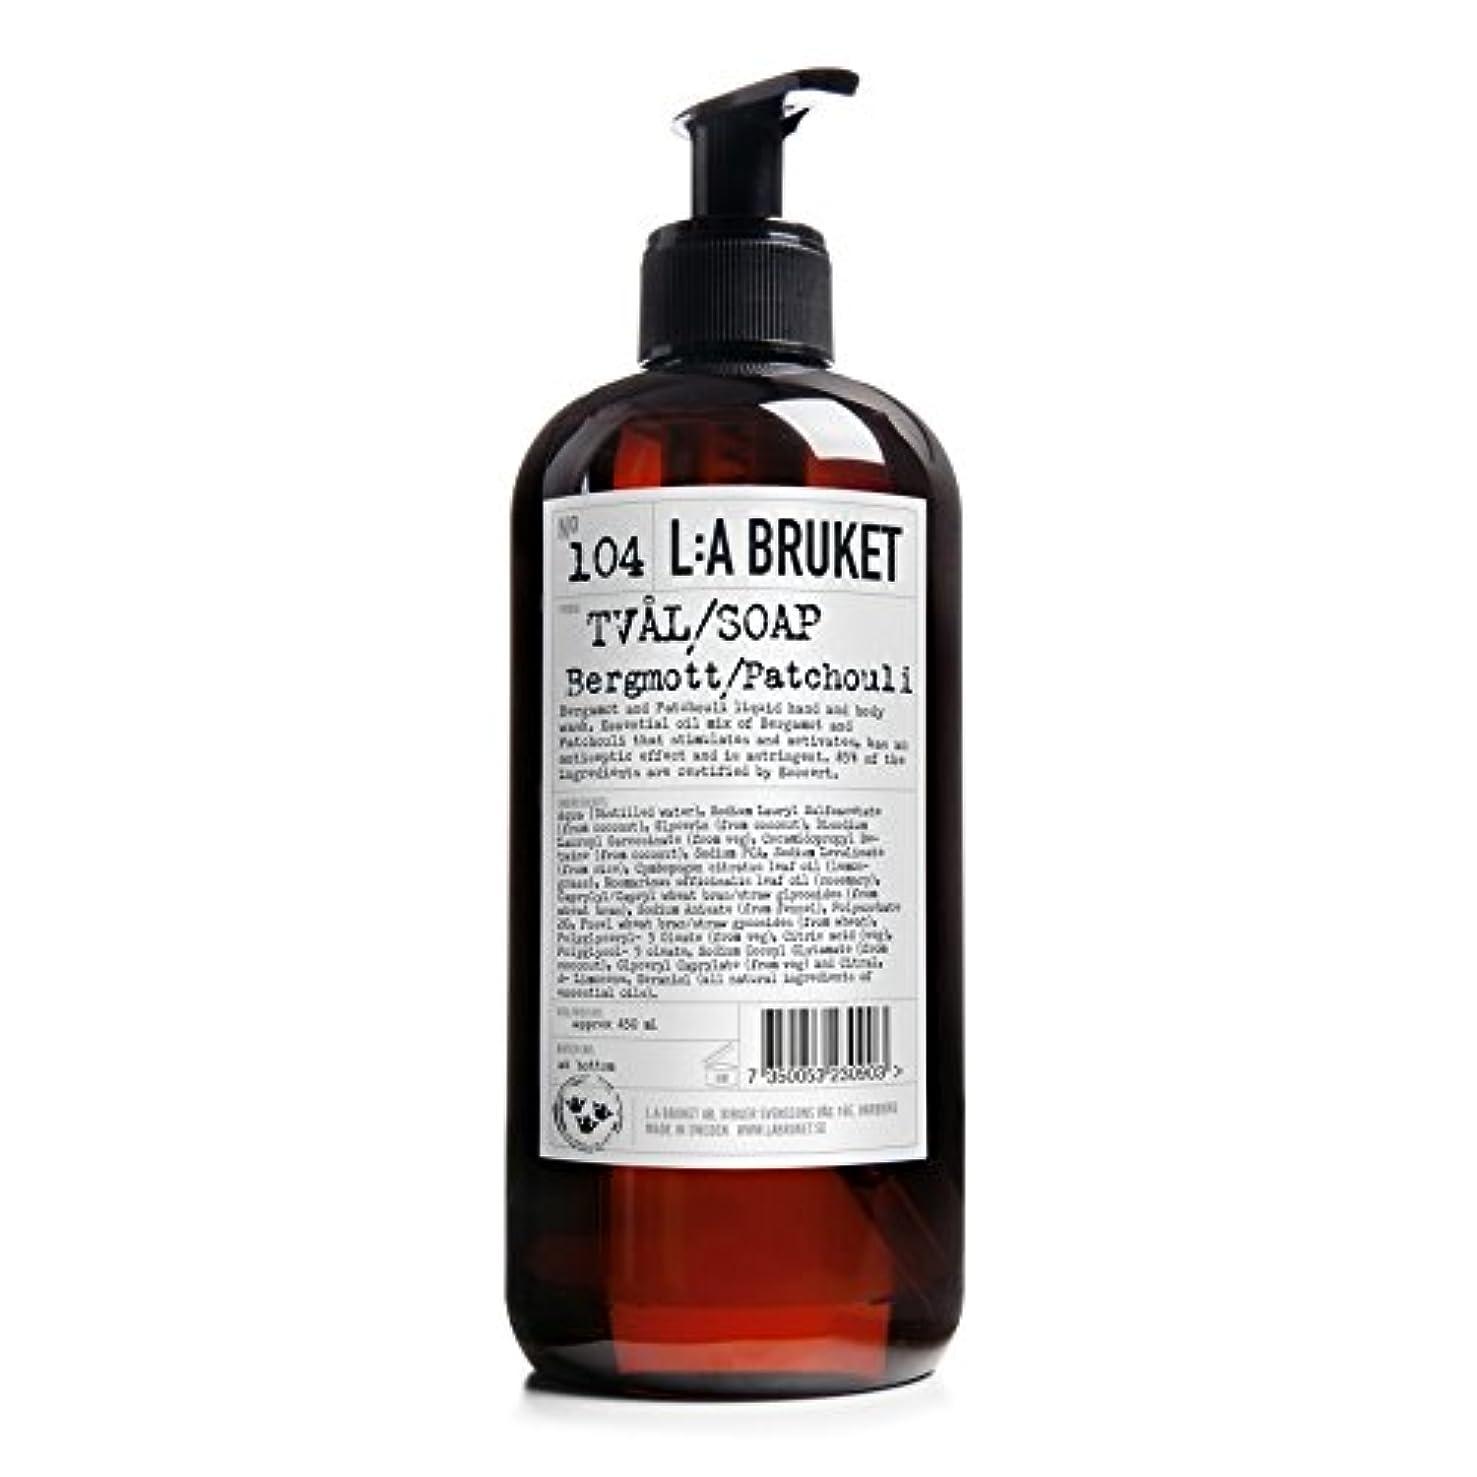 カナダバッフル排出L:A Bruket Bruket Bergamot and Patchouli Liquid Soap 450ml - :のベルガモット及びパチョリ液体石鹸450ミリリットル [並行輸入品]